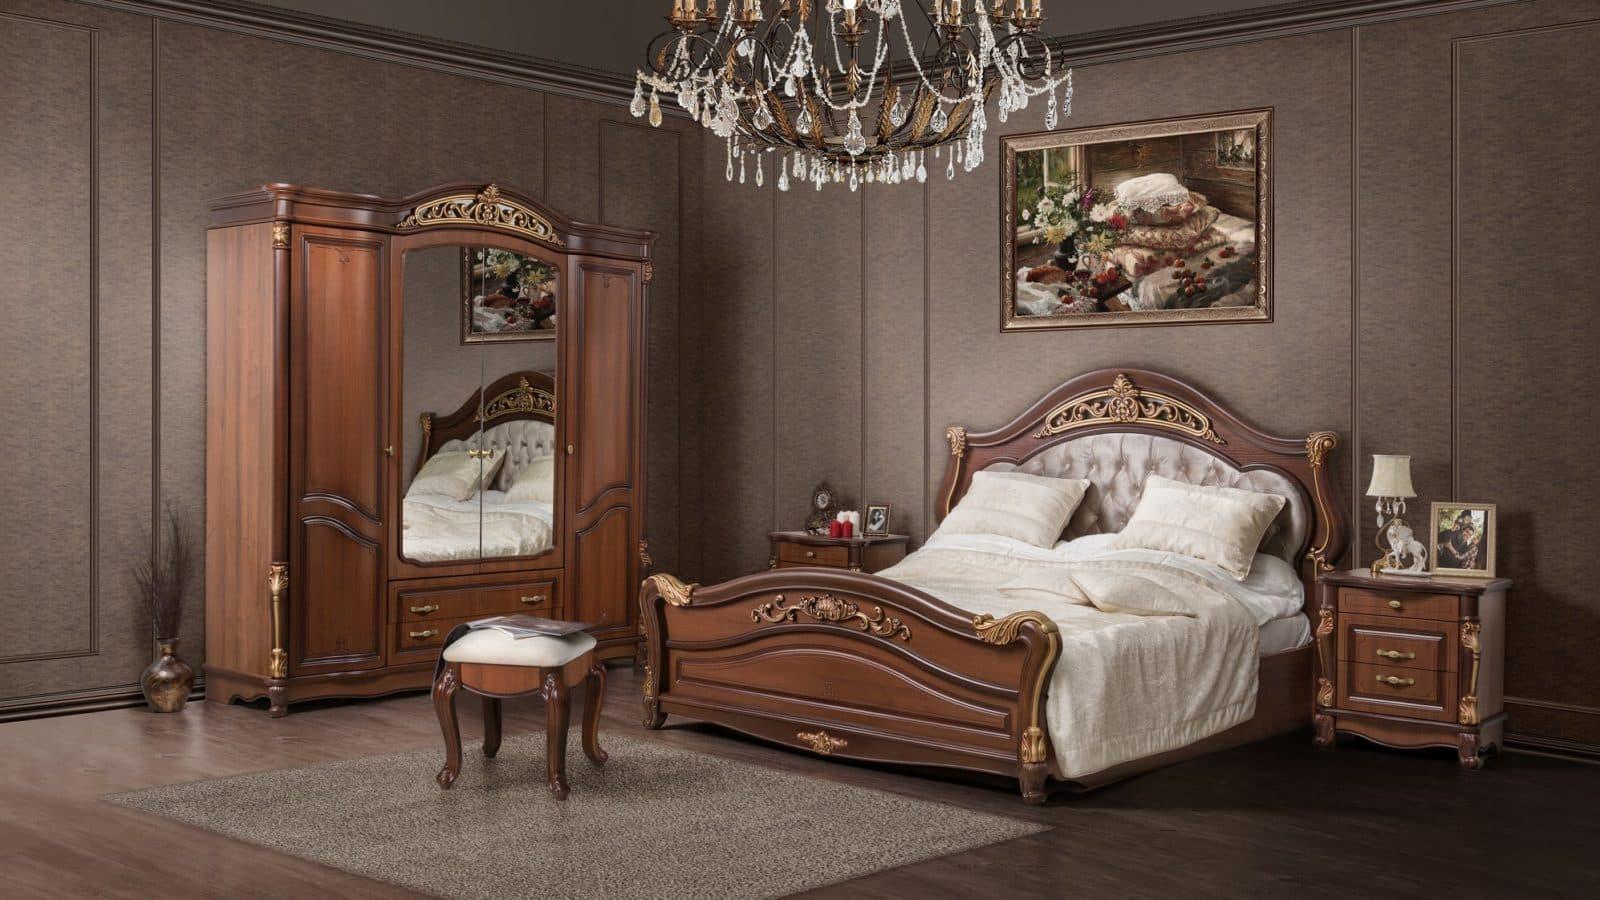 """Спальная мебель """"Касандра"""" от производителя СКФМ - плавные линии, темное дерево и позолоченные элементы декора"""